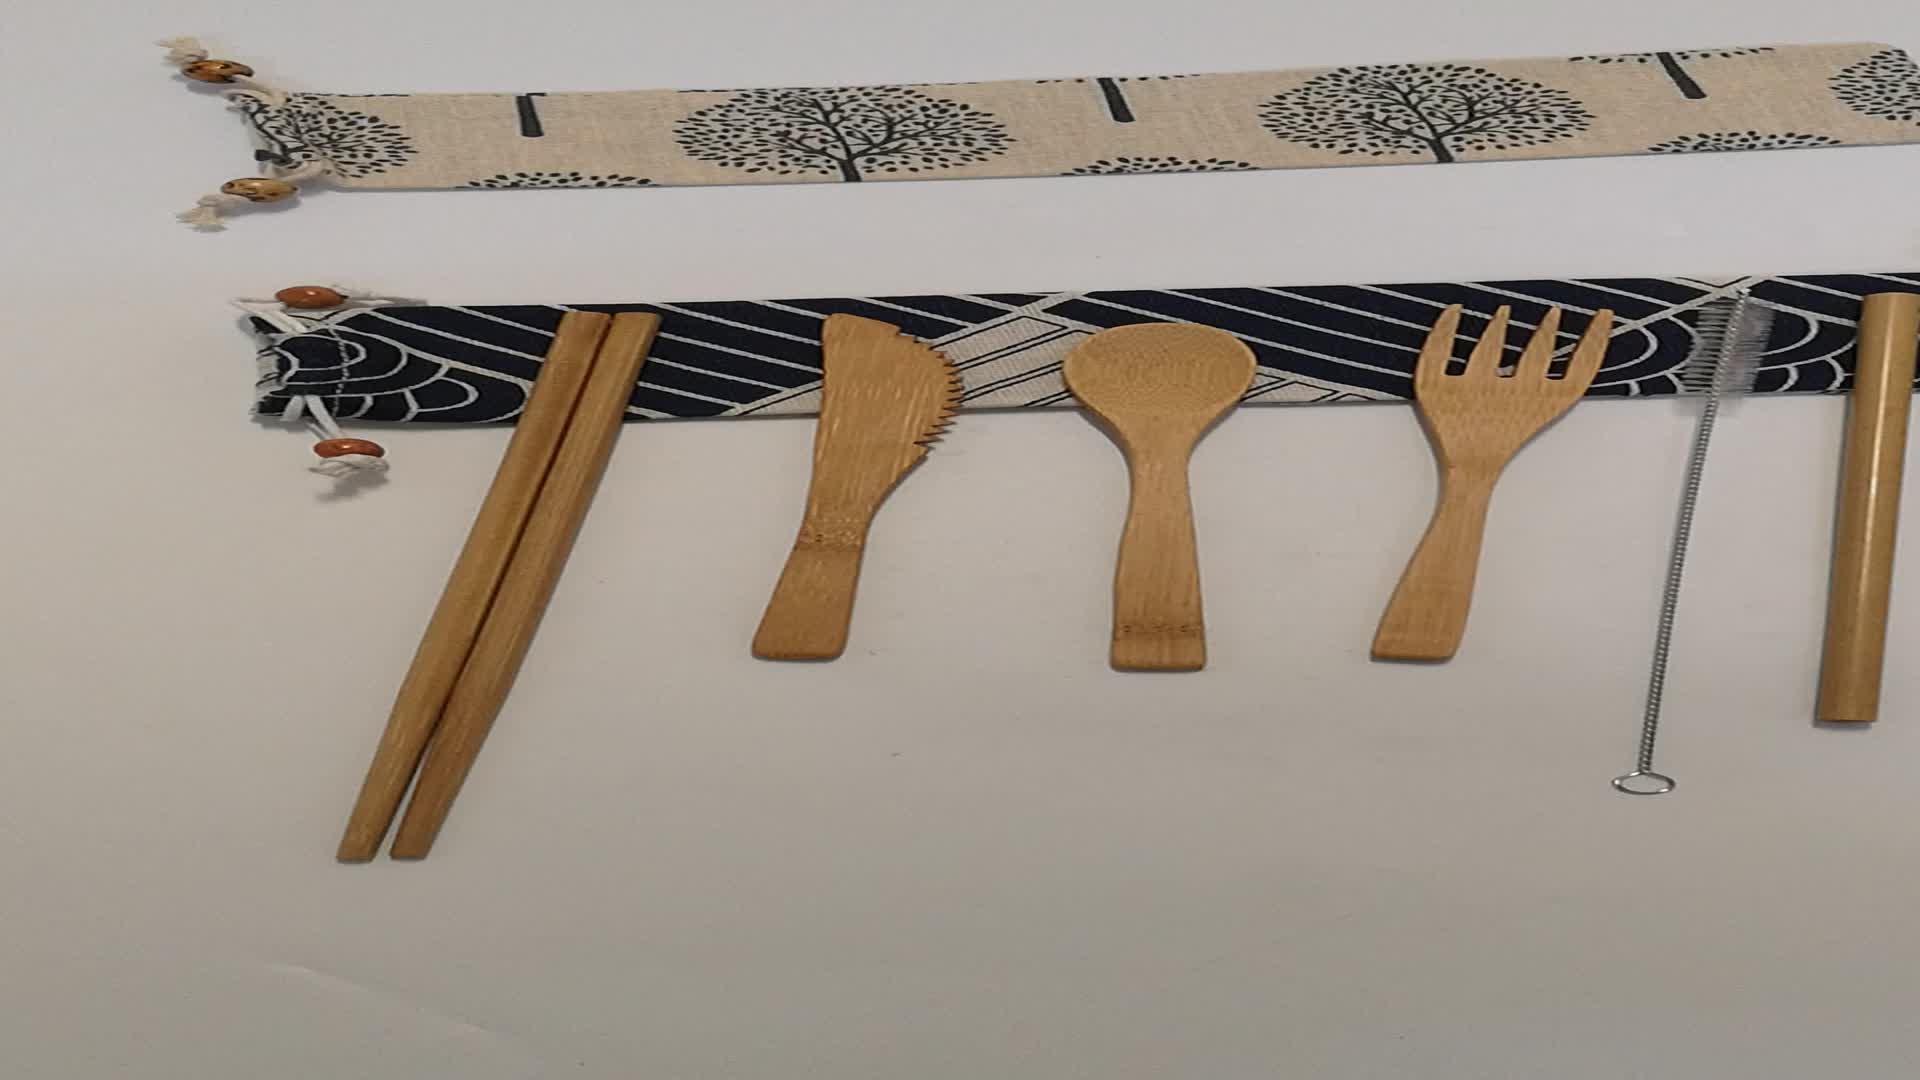 Bamboe reizen Gebruiksvoorwerp bestek set, bamboe Bestek Set metalen rietjes